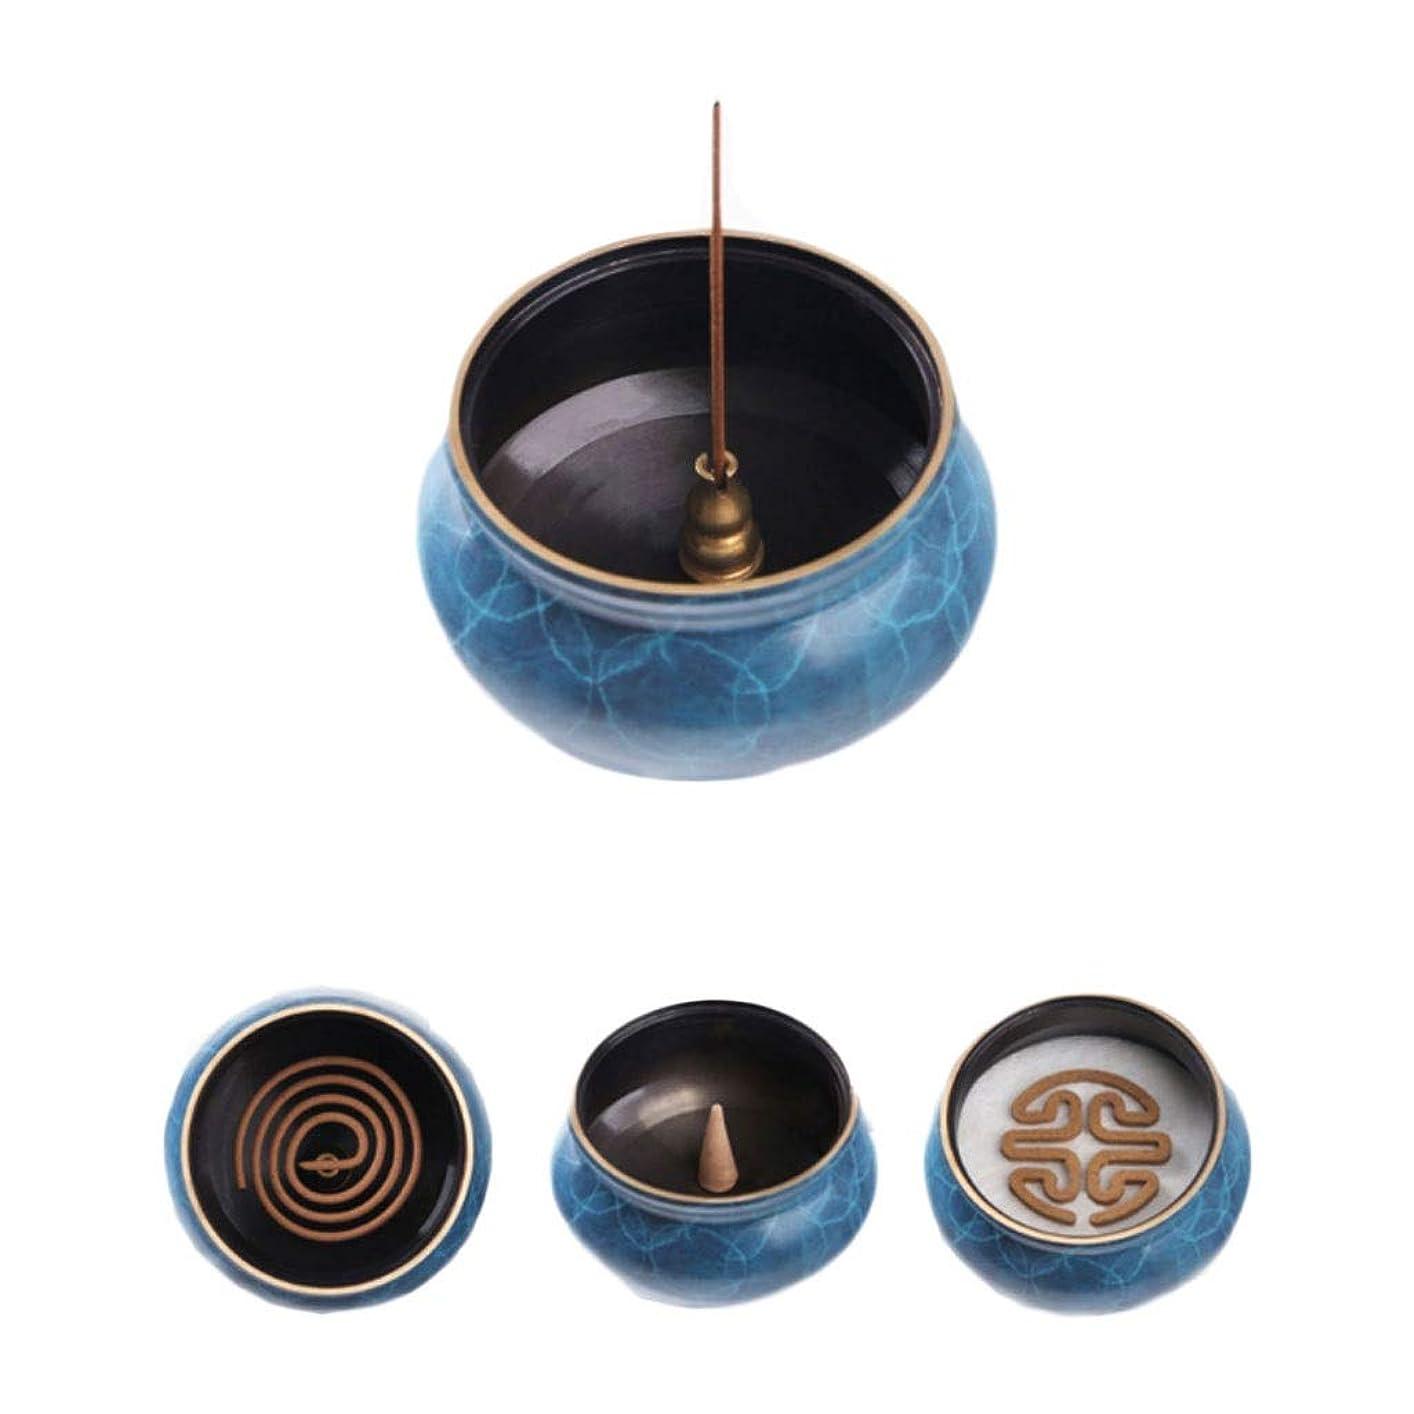 コートレジ優雅ホームアロマバーナー 純粋な銅香炉ホームアンティーク白檀用仏寒天香炉香り装飾アロマセラピー炉 アロマバーナー (Color : Blue copper)